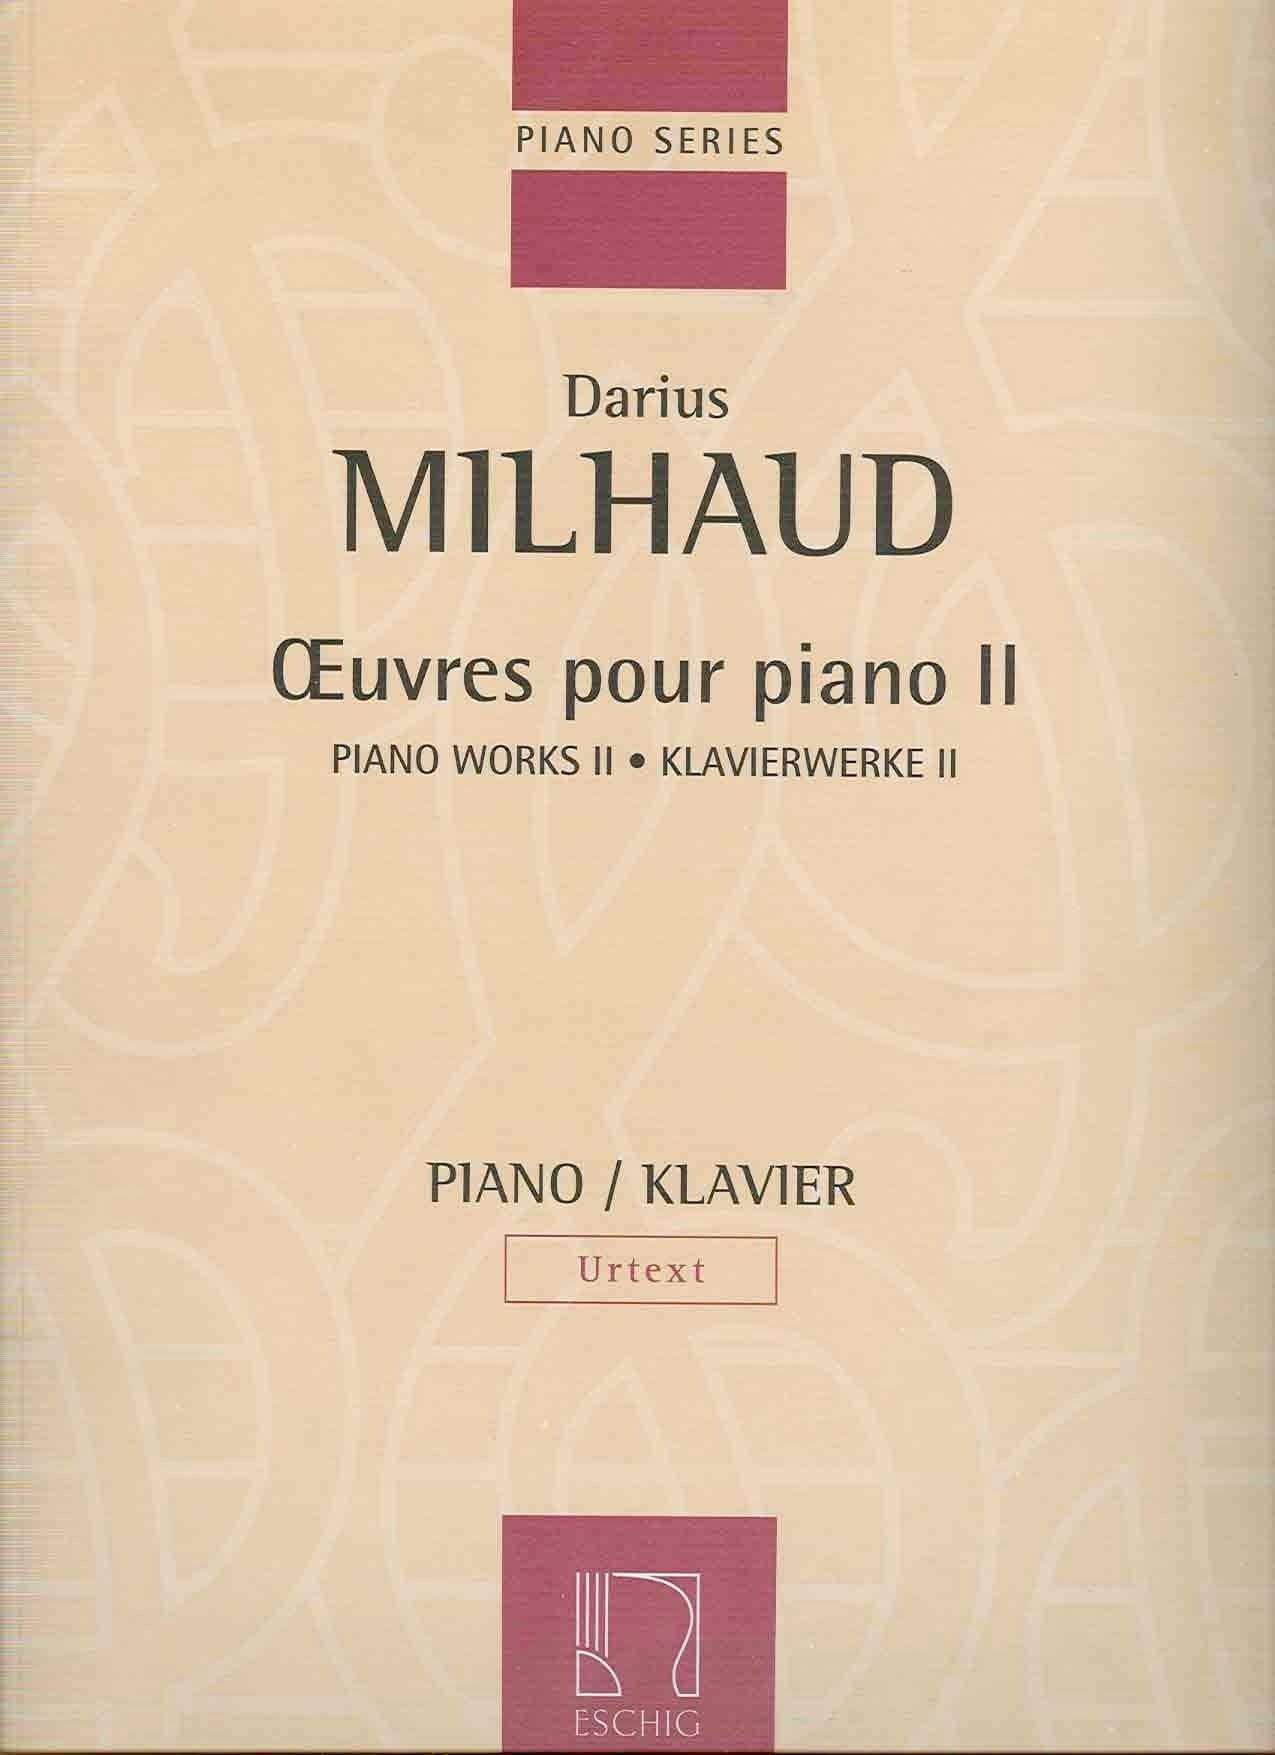 Oeuvre Pour Piano Vol 2 - MILHAUD - Partition - laflutedepan.com